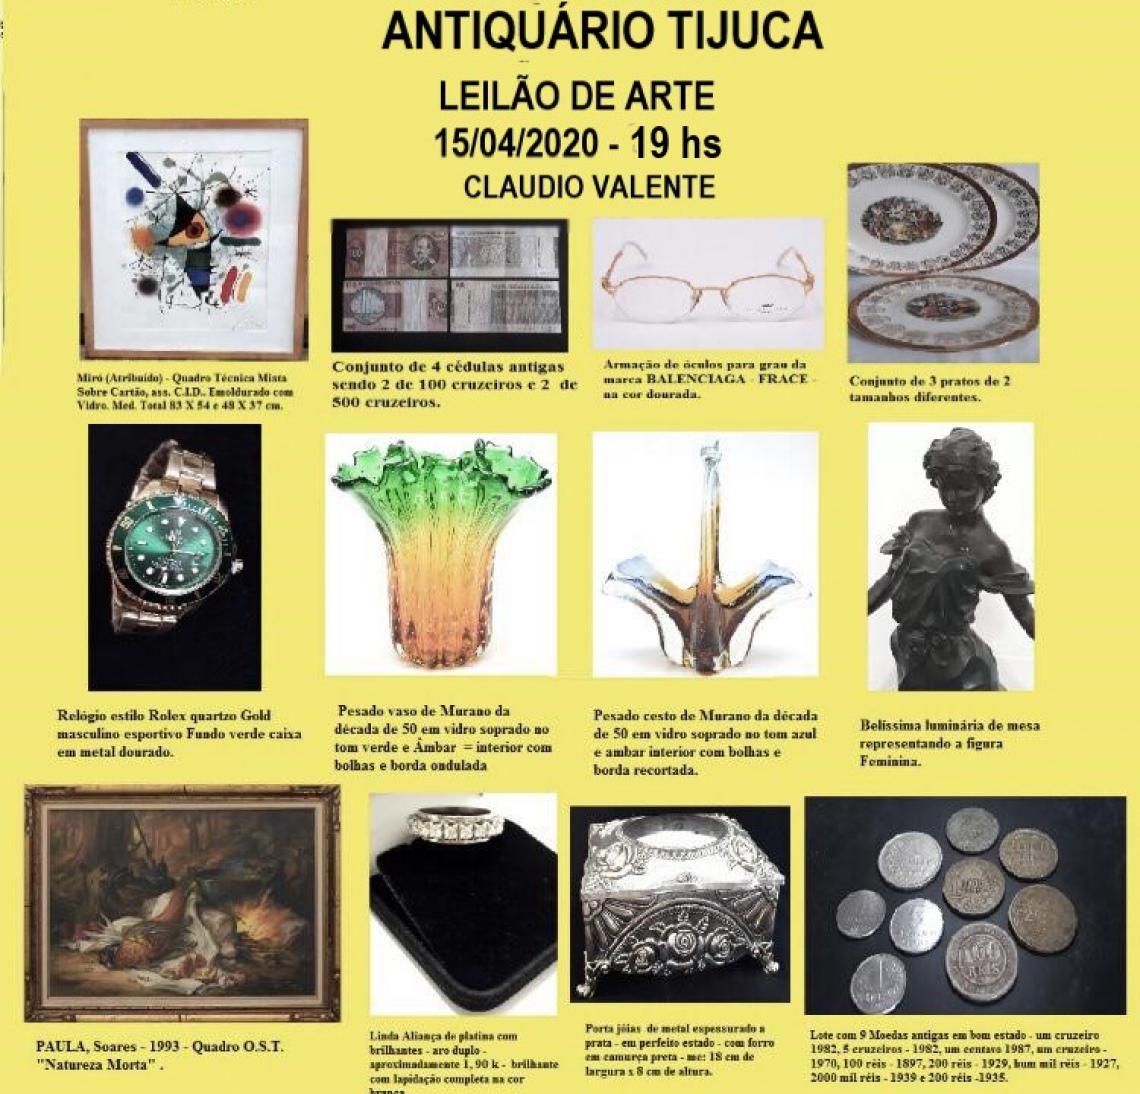 ANTIQUÁRIO TIJUCA LEILÃO DE ARTE - PEÇAS RESIDENCIAIS, ARTES, ANTIGUIDADES, COLECIONISMO E DECORAÇÃO